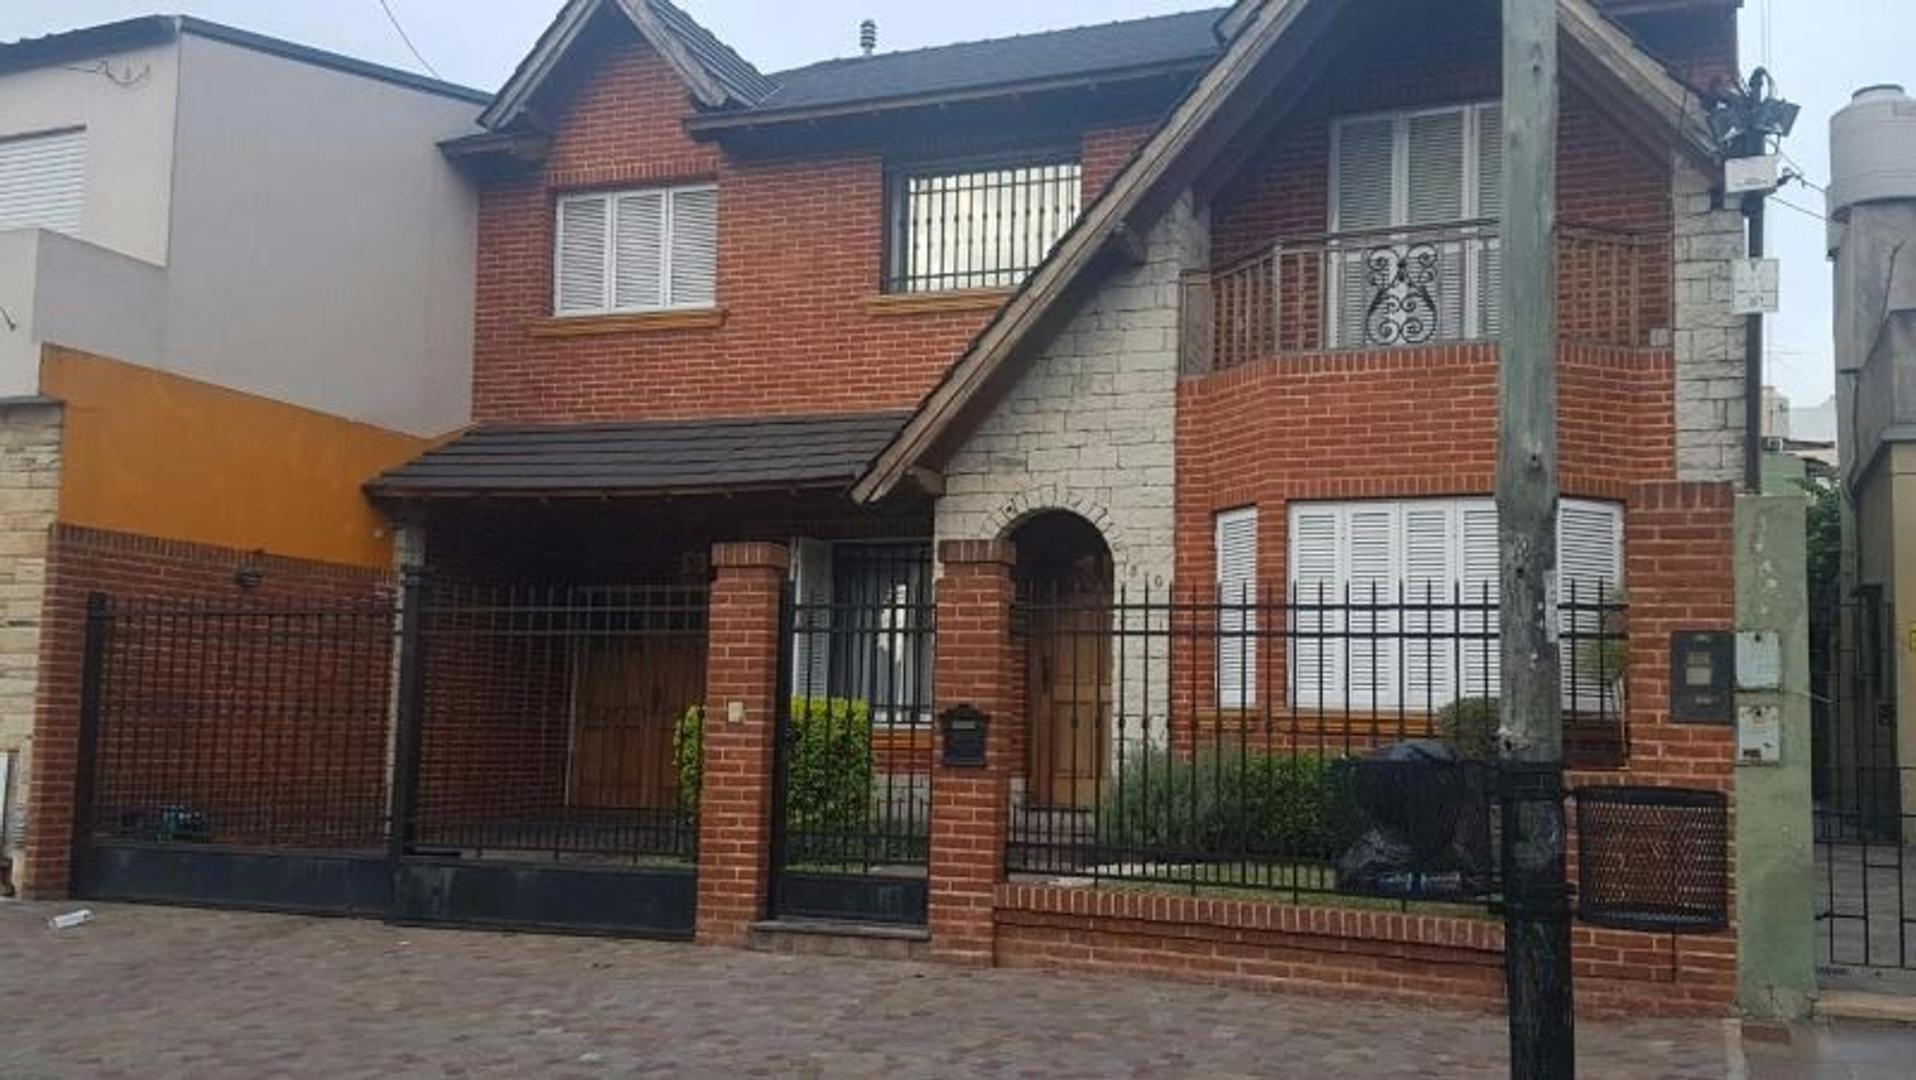 Casa en Ramos Mejía, La Matanza, Buenos Aires USD 480000 - Medrano 370 (Código: 486-451)